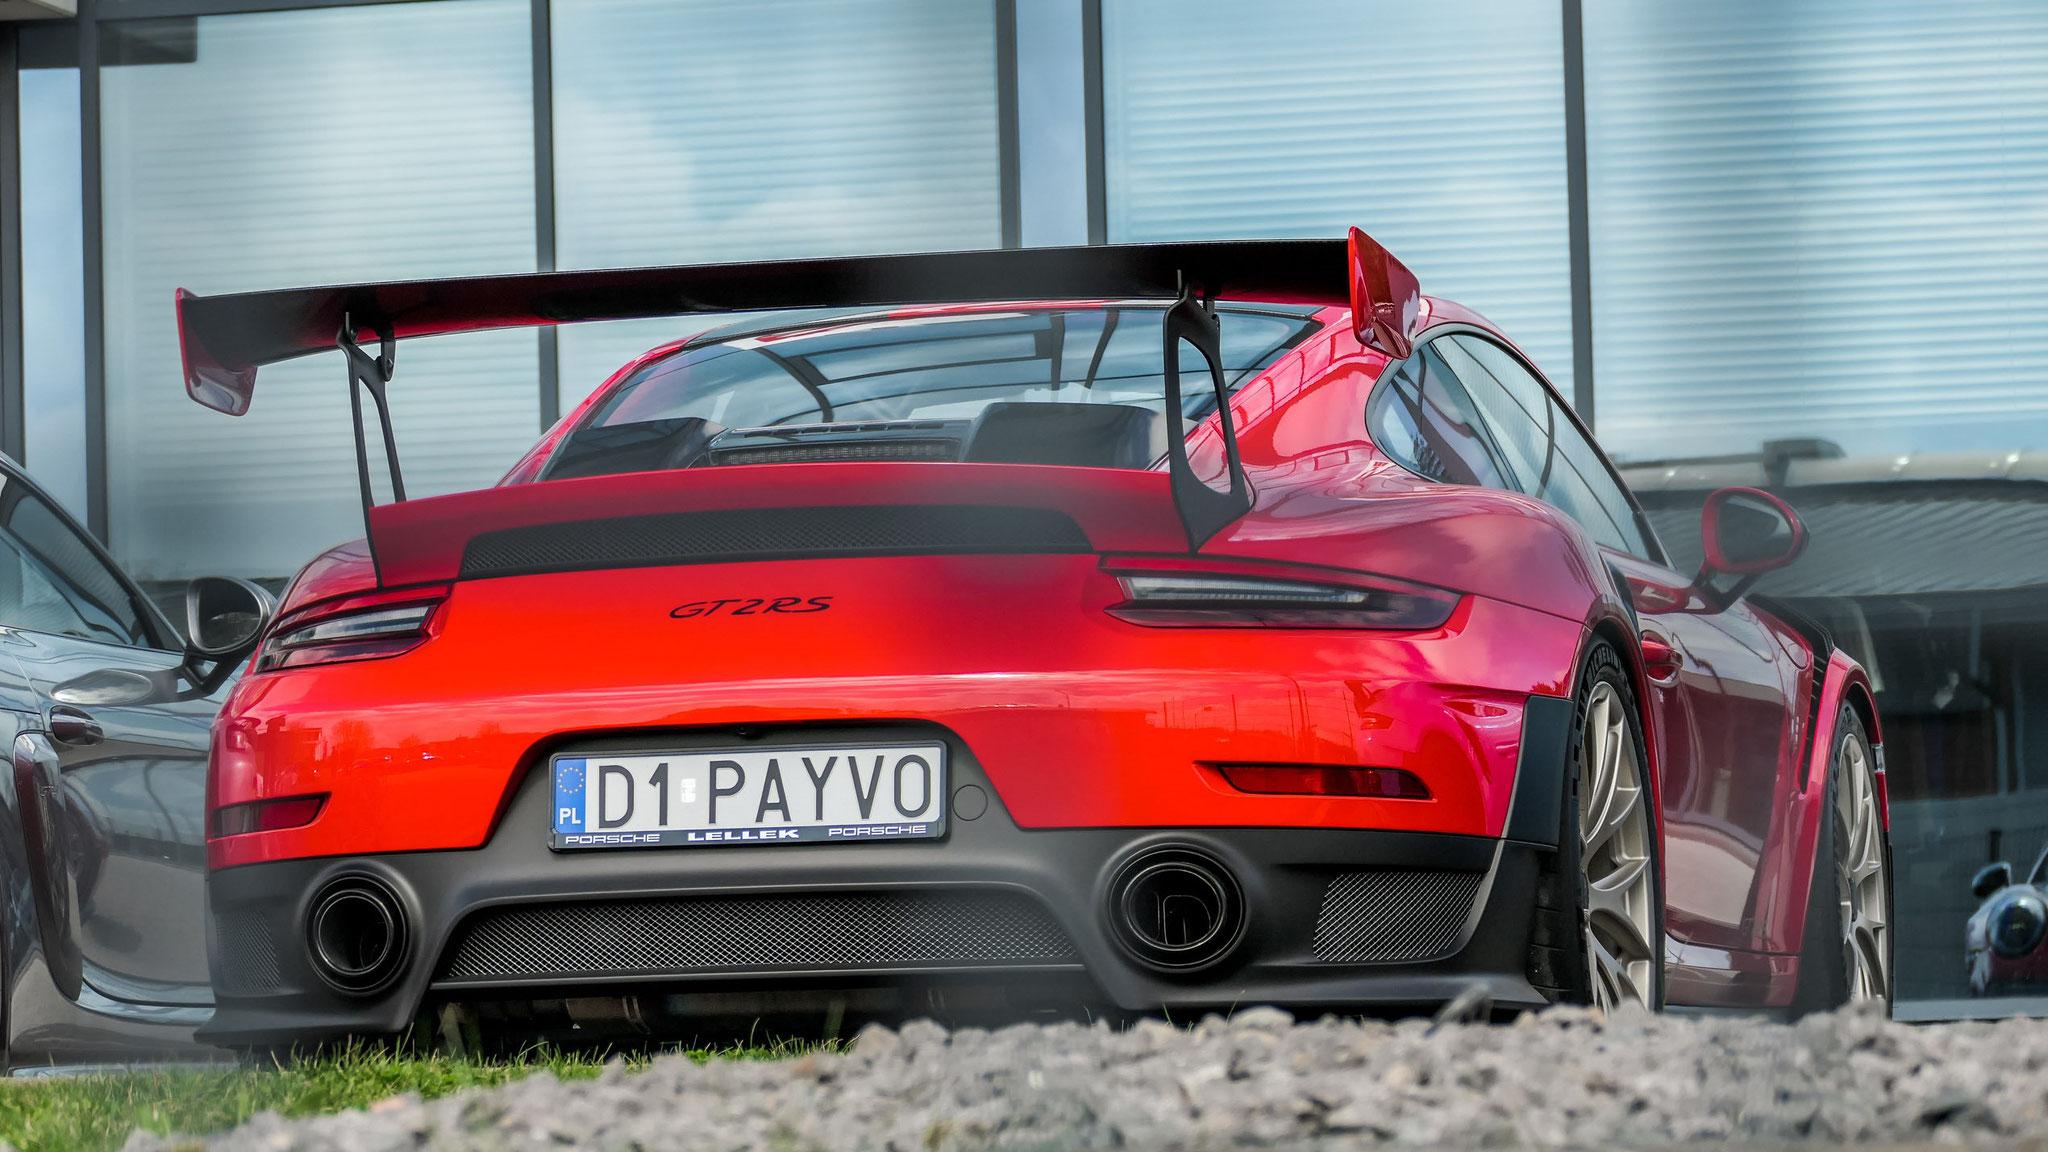 Porsche GT2 RS - D1-PAYVO (PL)